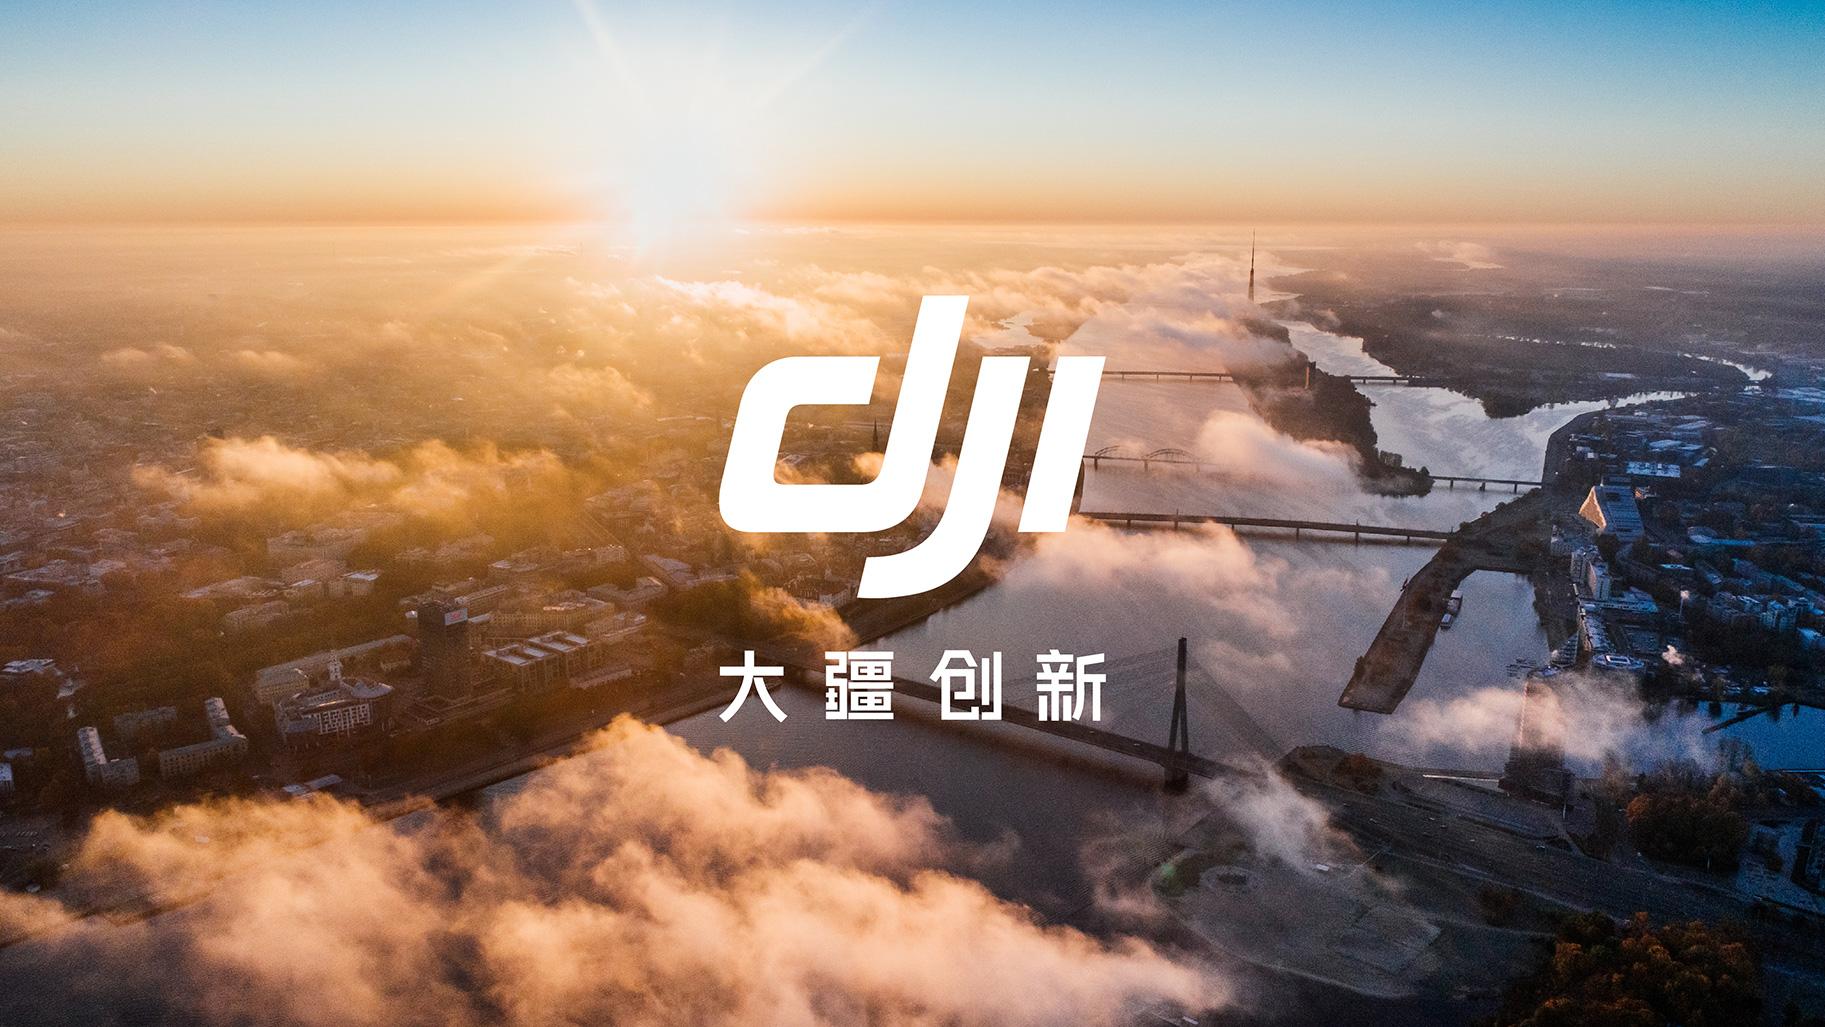 无人机创新品牌升级设计